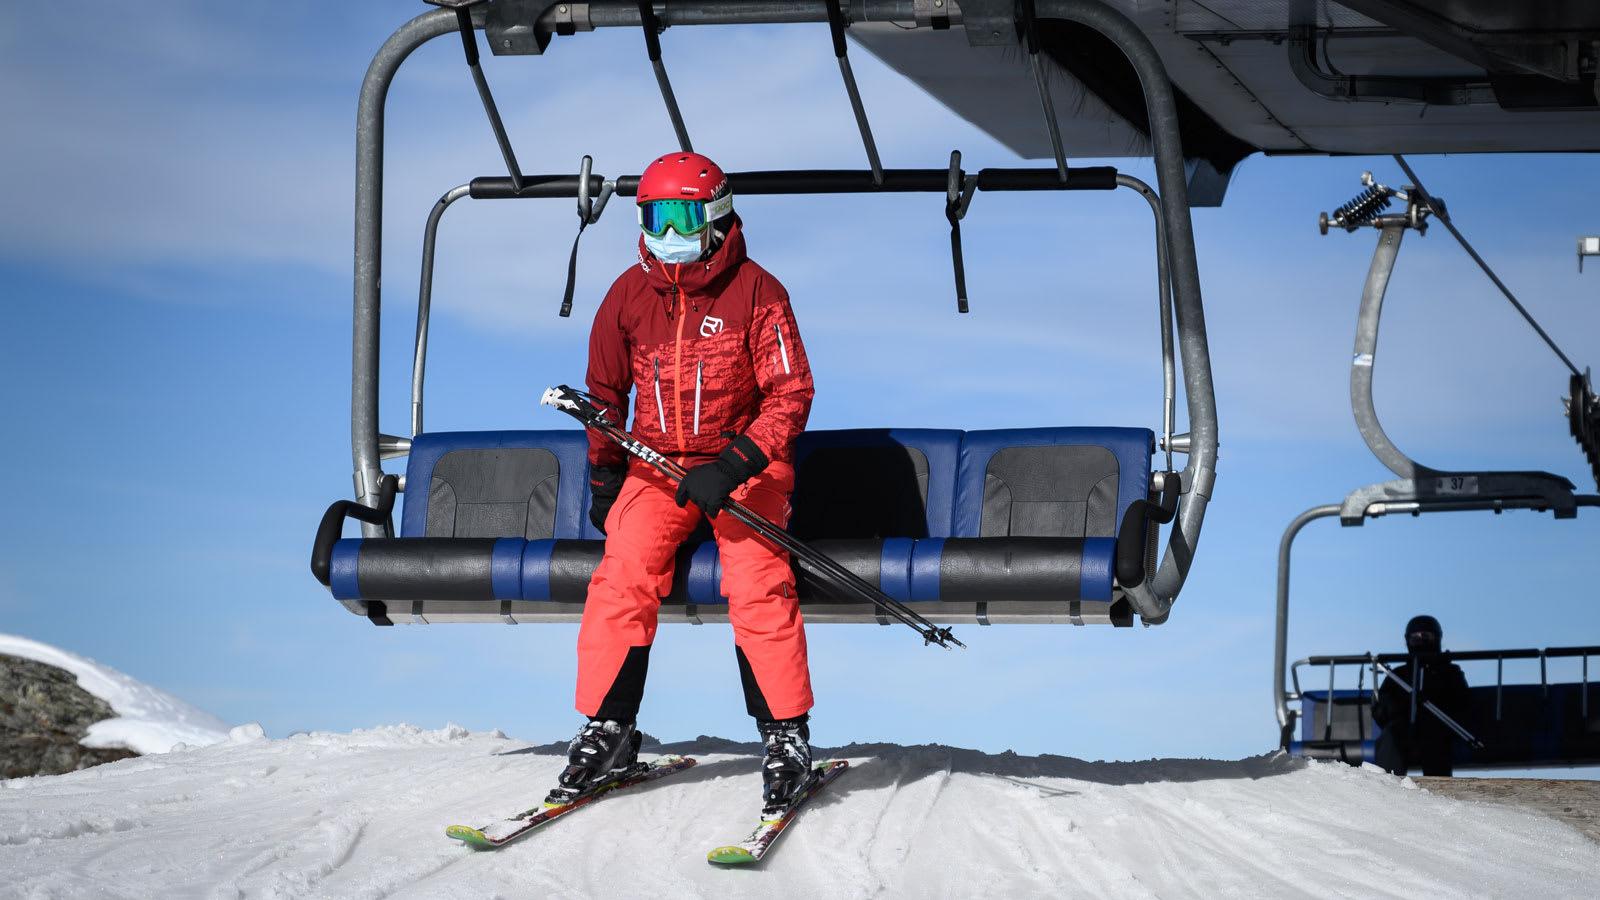 """منتجعات التزلج في أوروبا تشهد """"موسم من الجحيم"""" بسبب كورونا"""